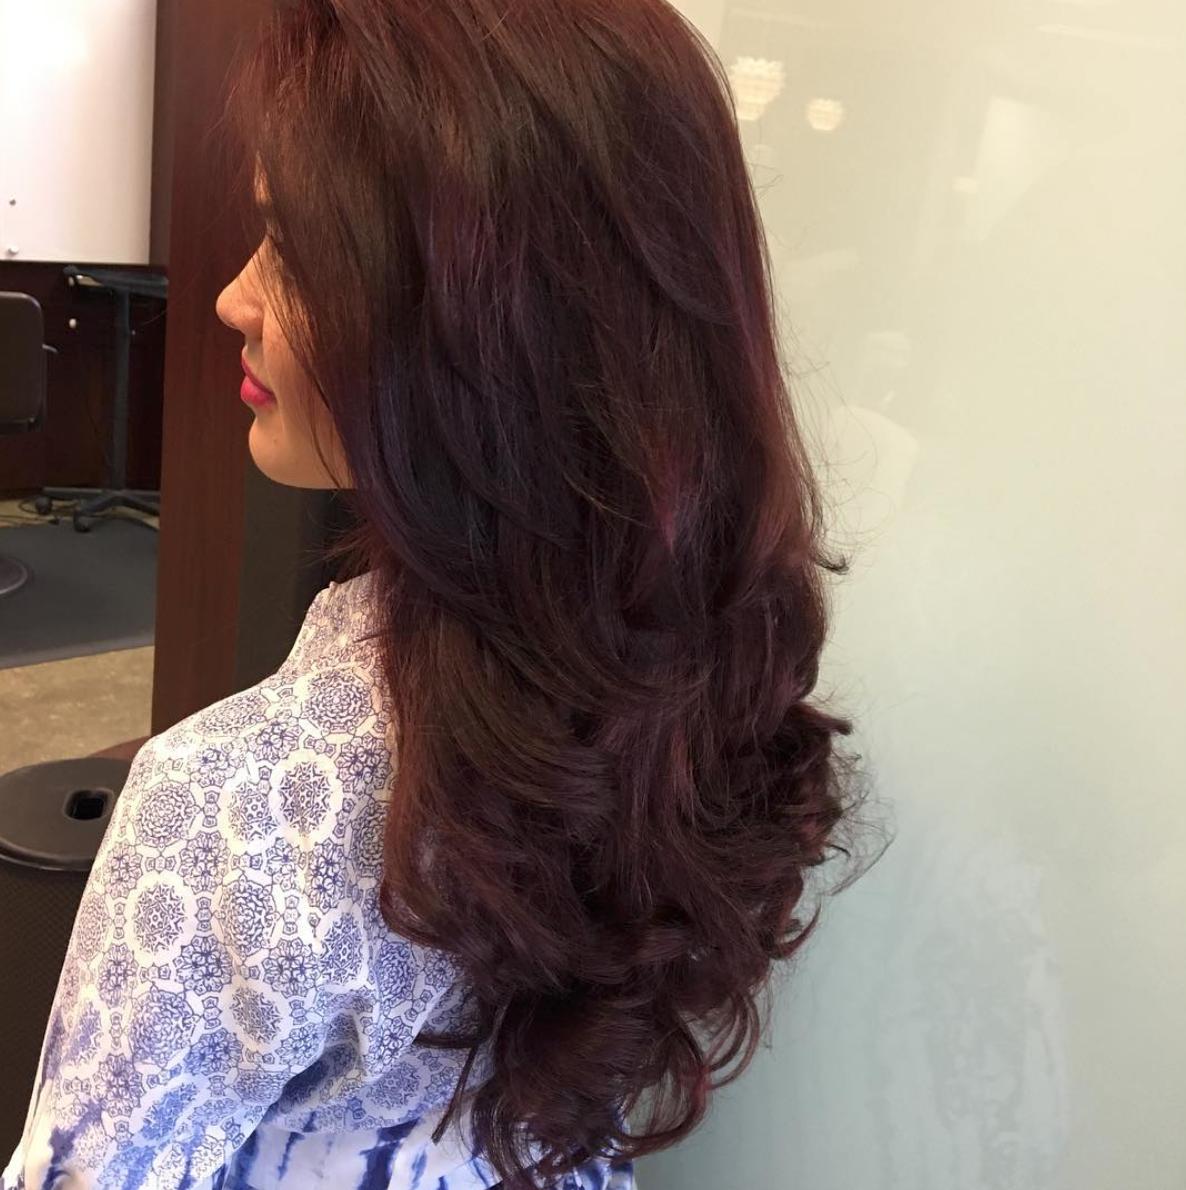 Jean Marc Levy Olga Demaskaya Hair Las Vegas Stylists 12.png